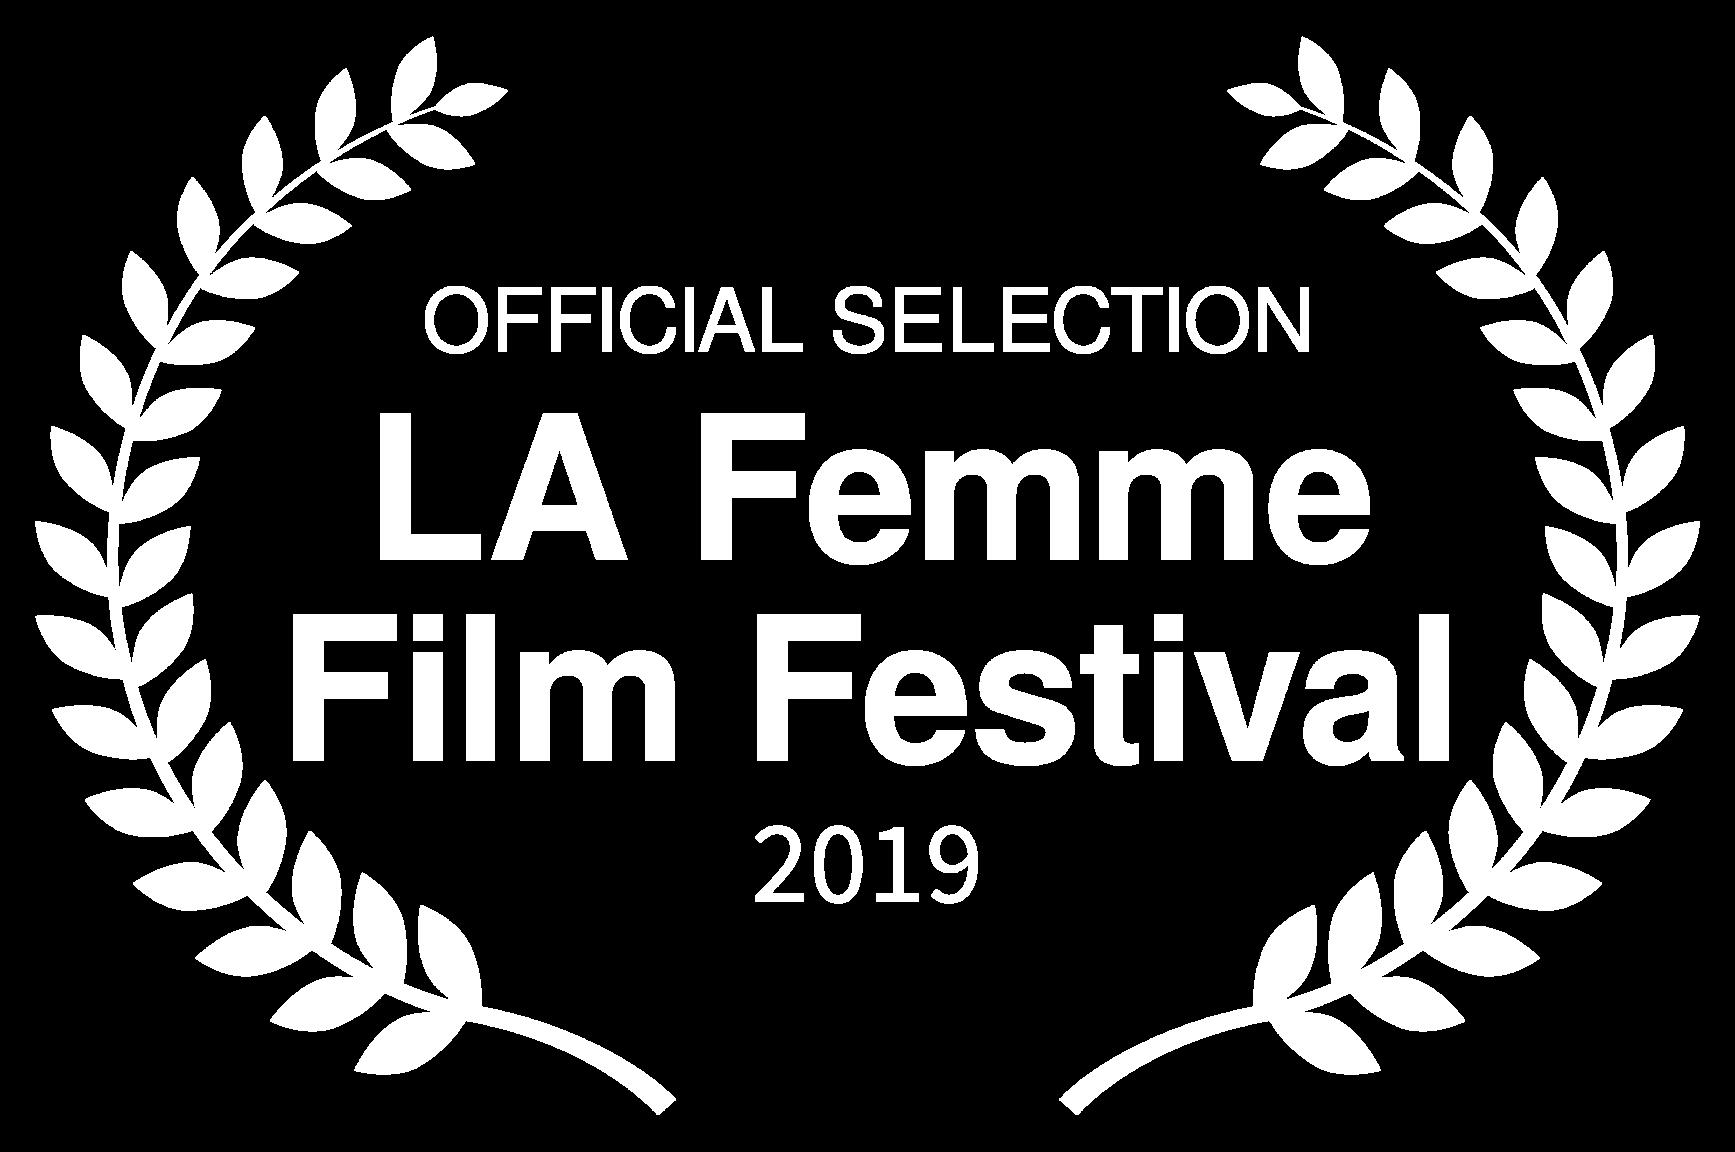 OFFICIAL SELECTION - LA Femme Film Festival - 2019.png